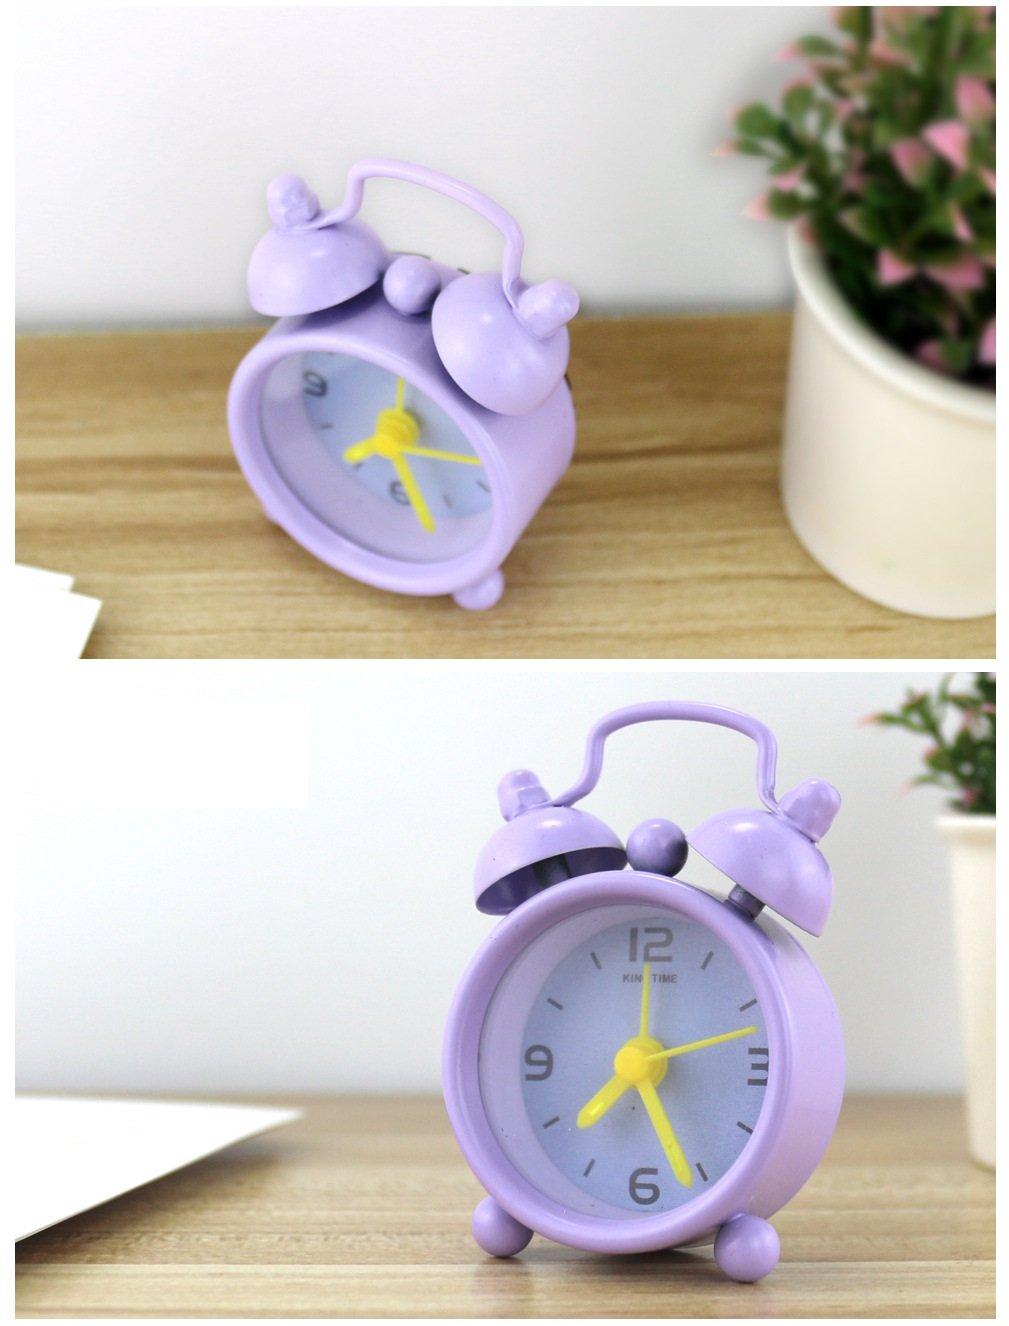 violet R/éveil Creative Mini Lovely enfants enfants /étudiants r/éveil silencieux Par Heelinna